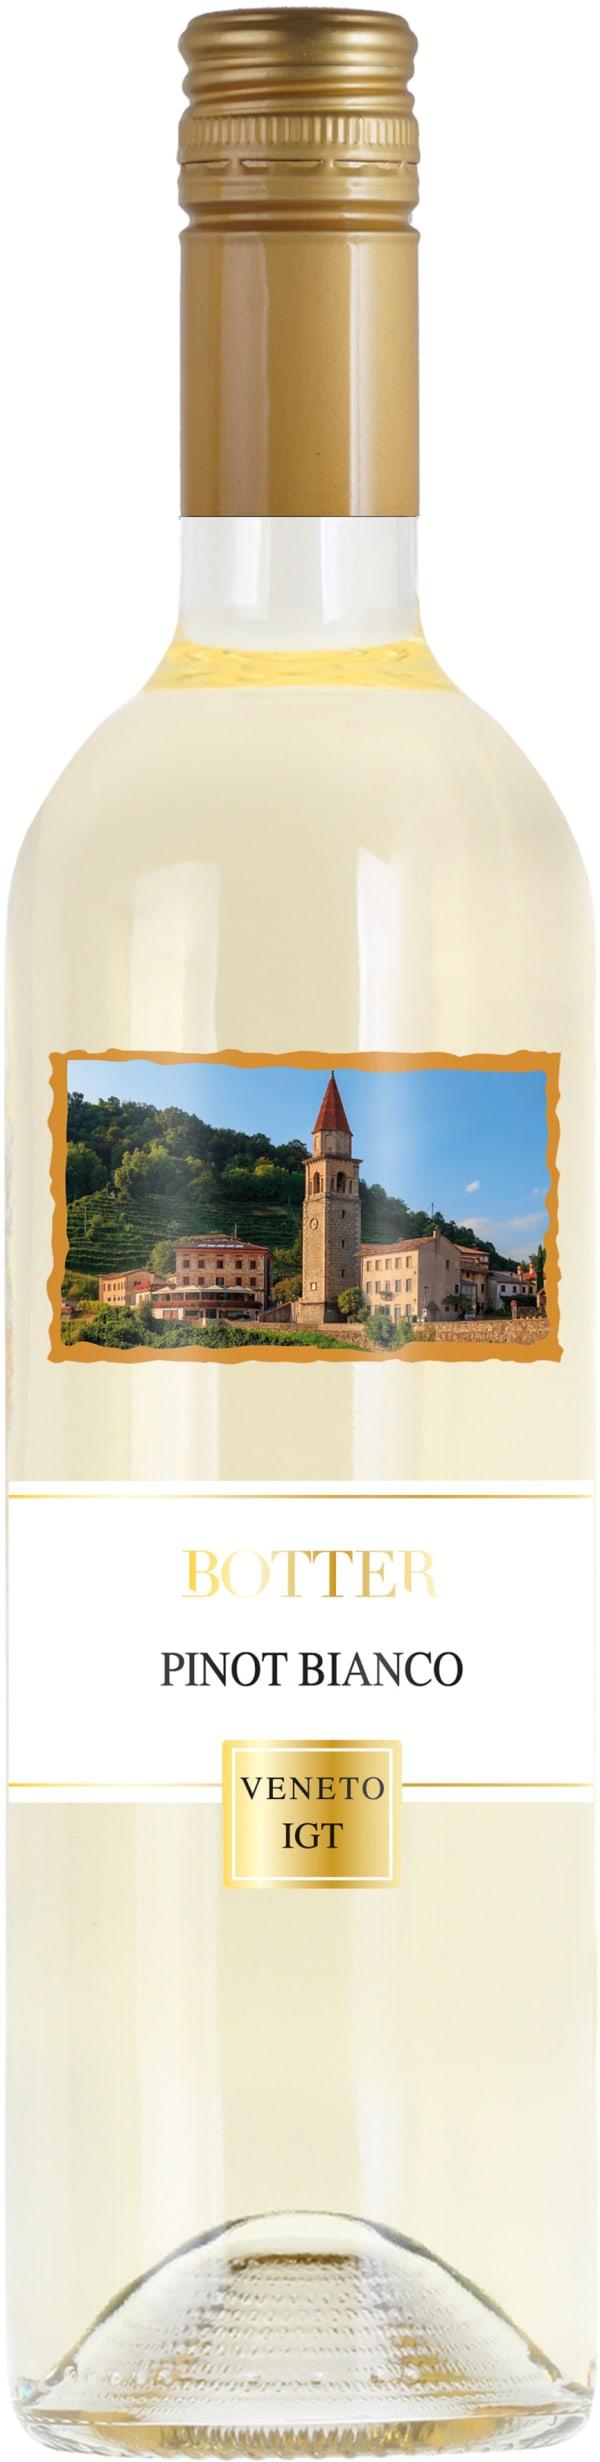 Botter Pinot Bianco 2019